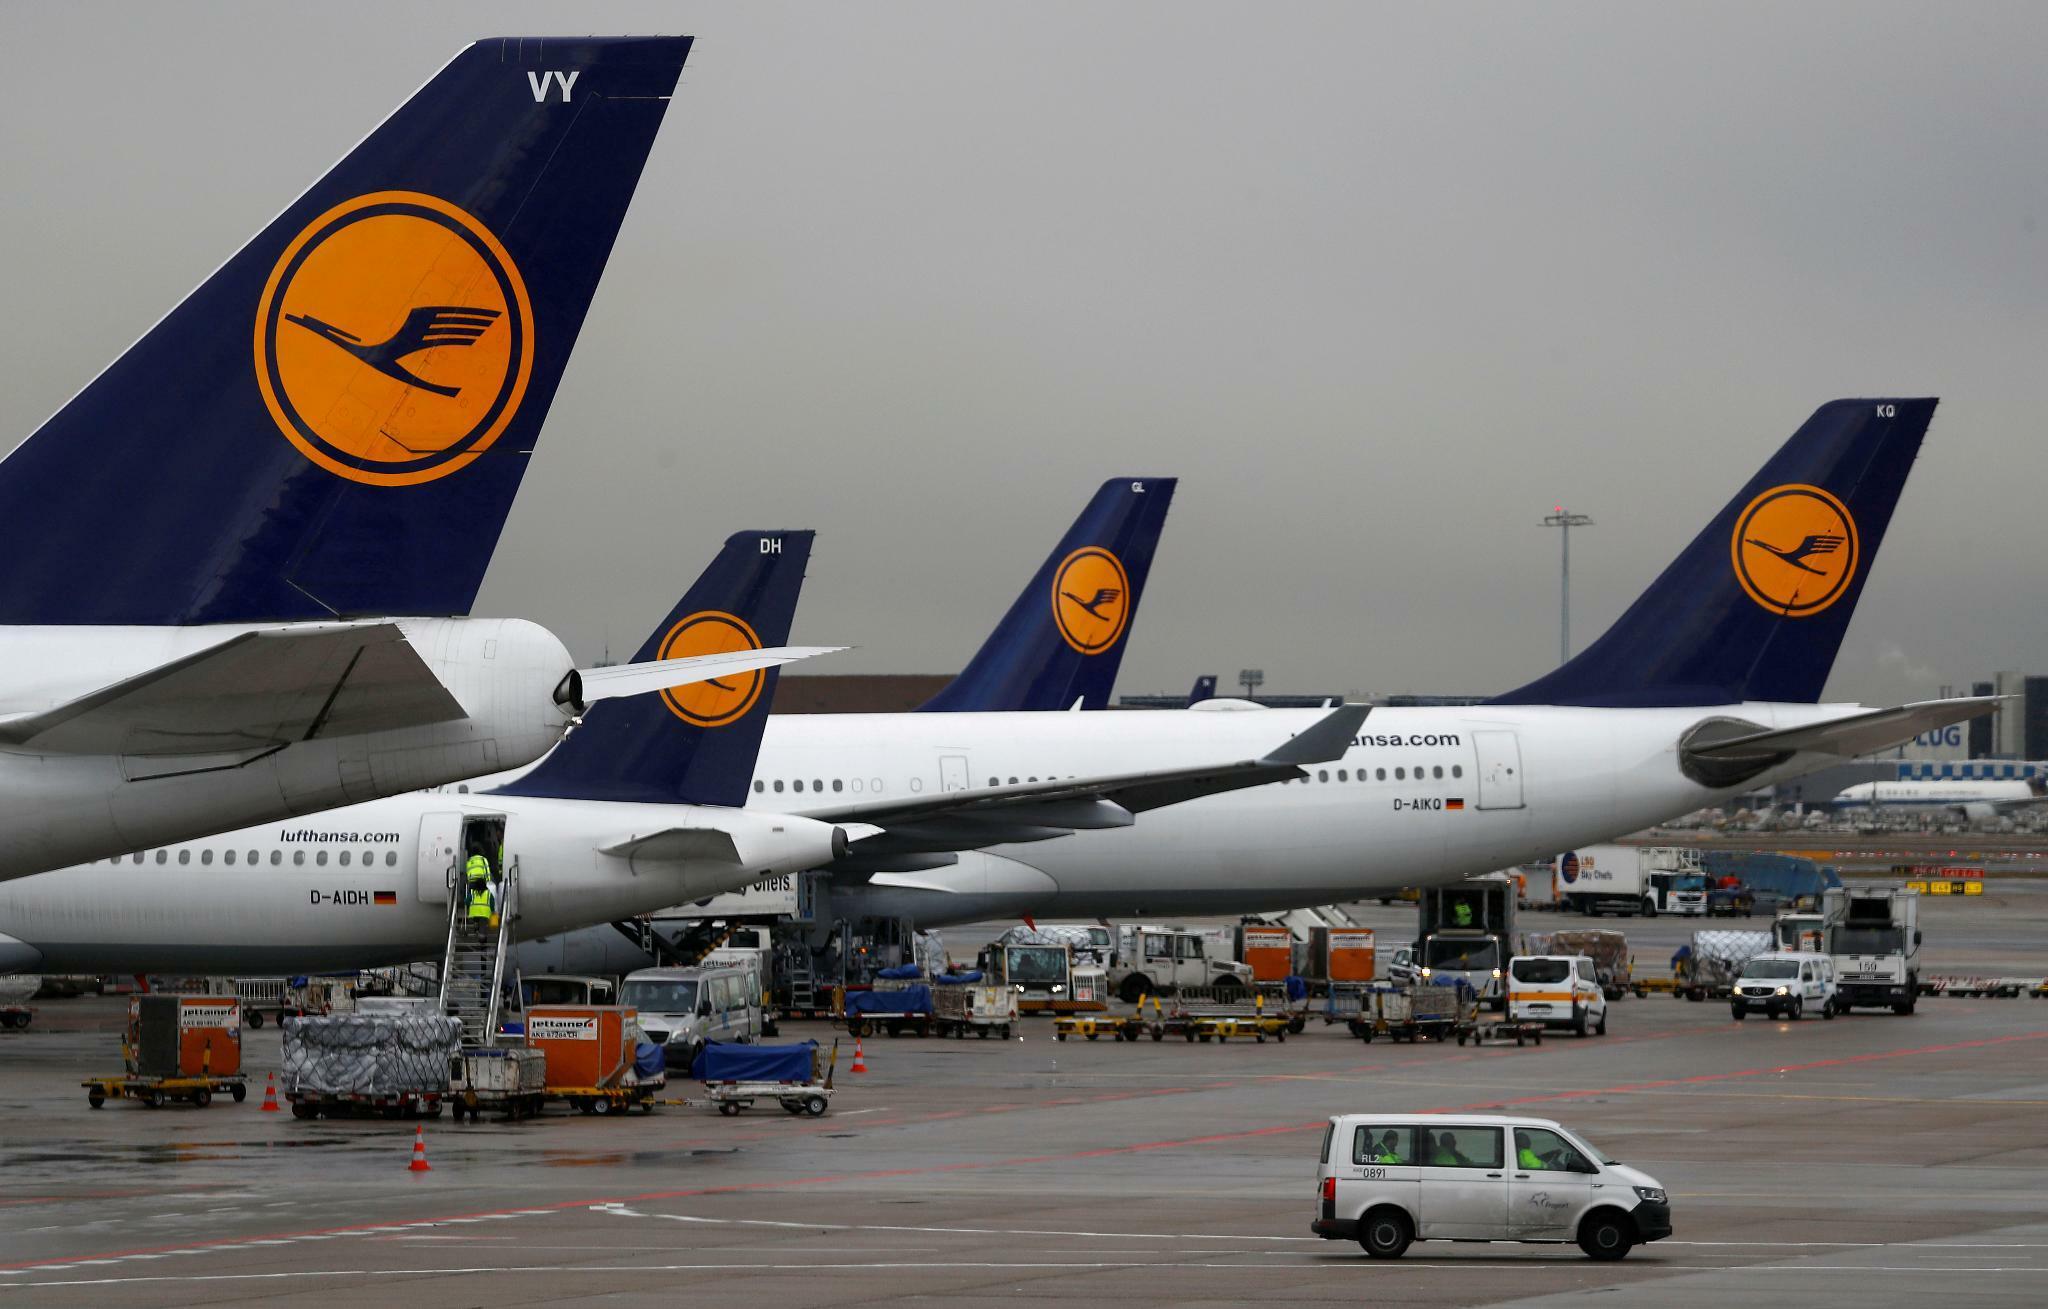 Miles & More: Die Lufthansa muss viel Überzeugungsarbeit leisten